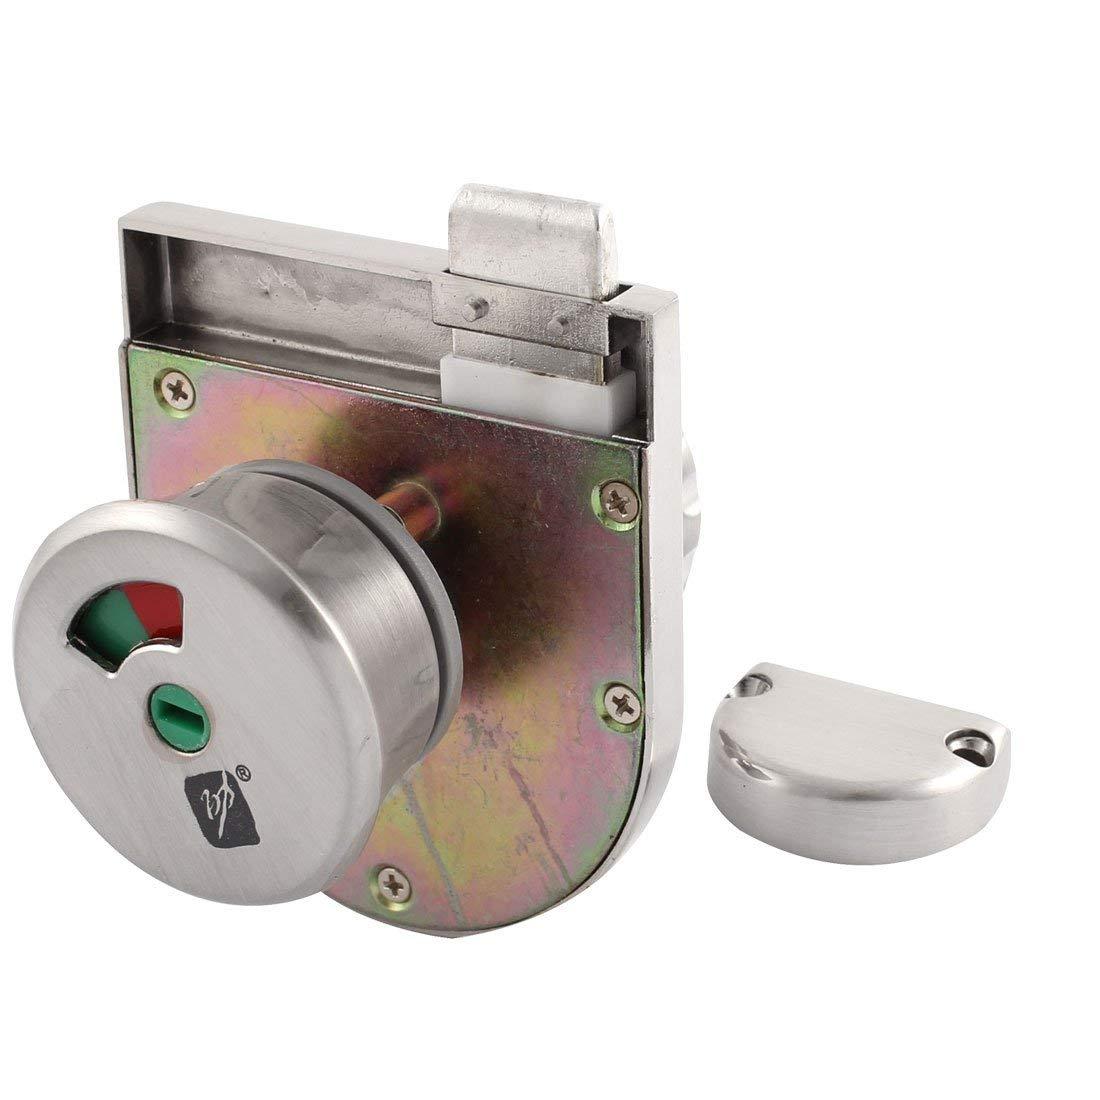 Uxcell a15052500ux0179 Toilet Door Lock Indicator 95cmx70cmx70cm Toilet Partition Sliding Glass Door Lock Indicator